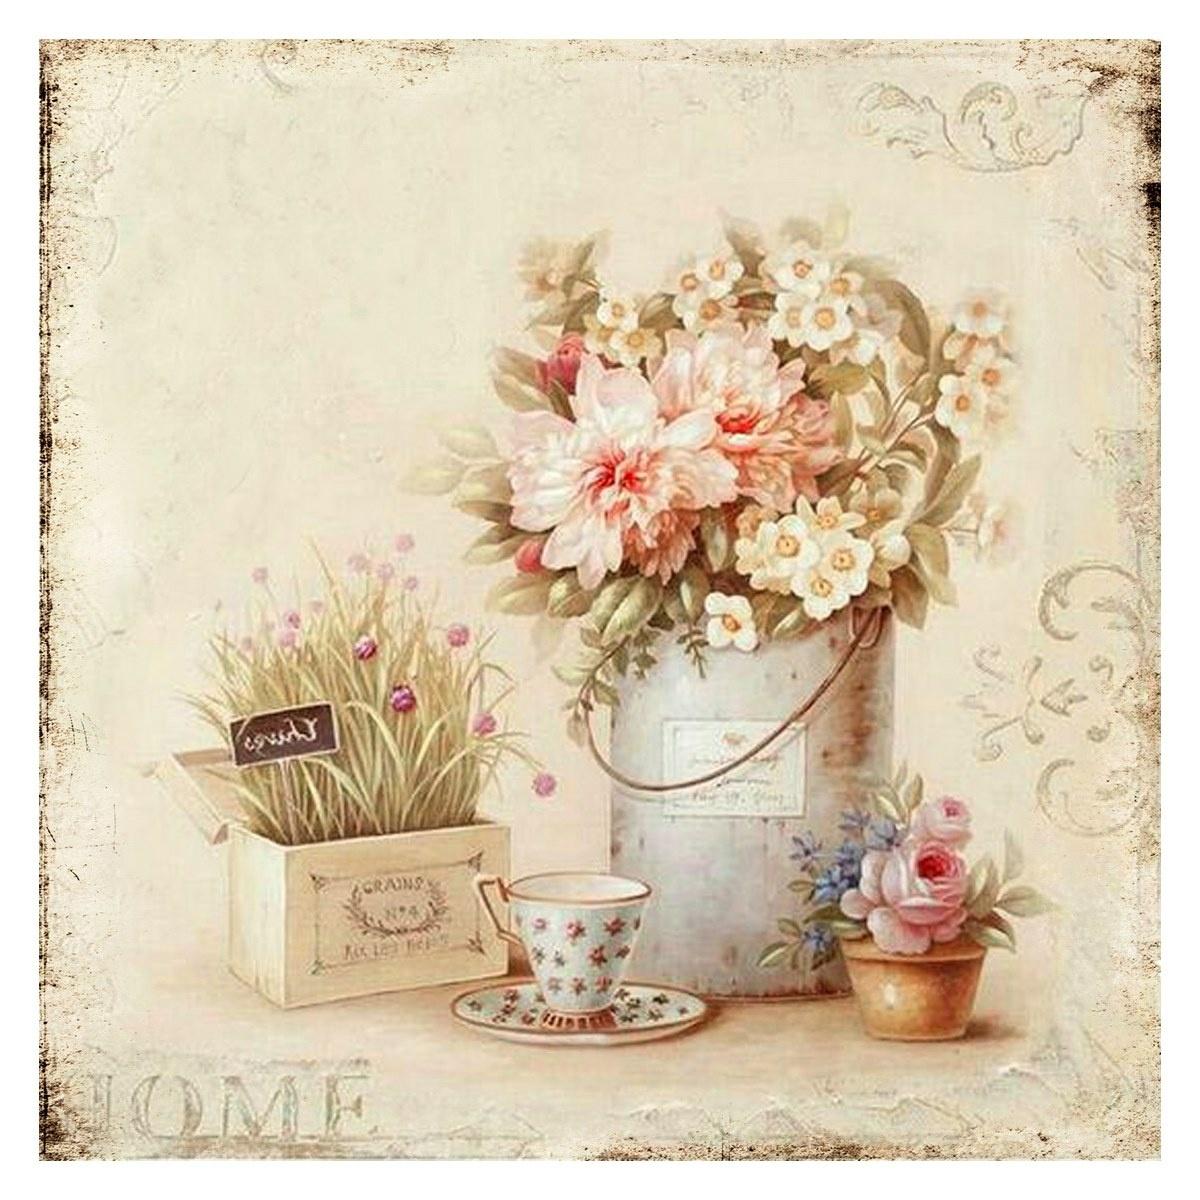 Obraz na plátne Romantic Home, 38 x 38 cm